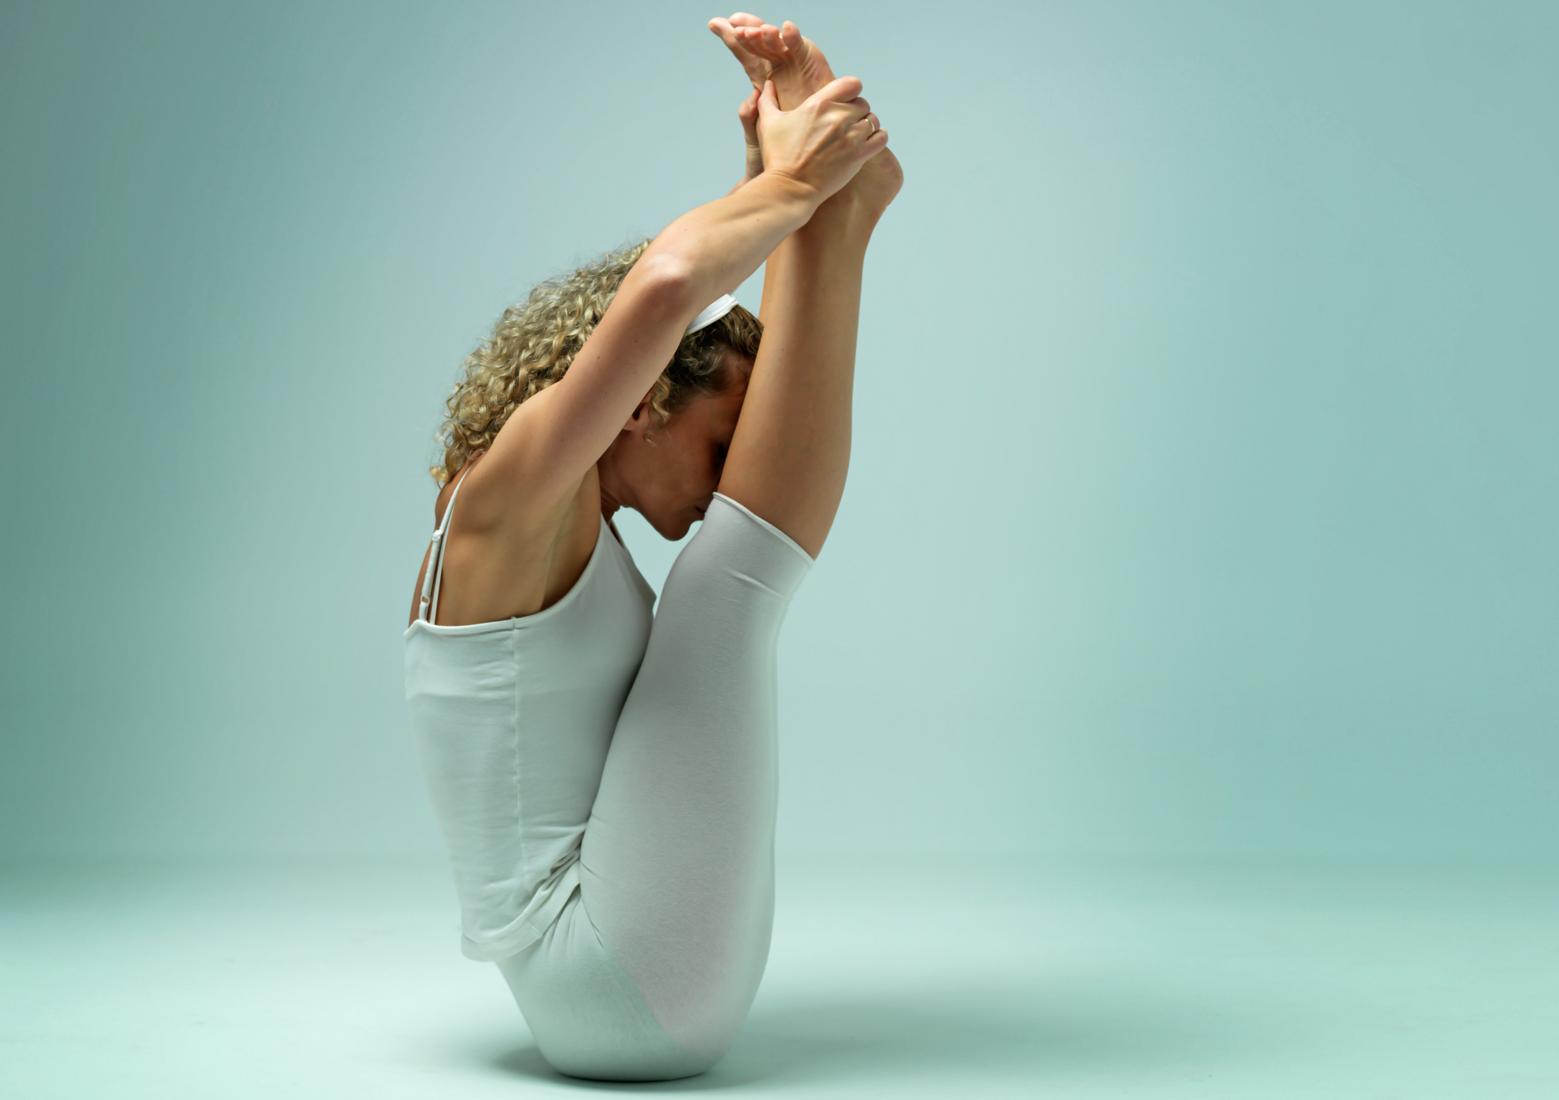 Clases de yoga Gijón